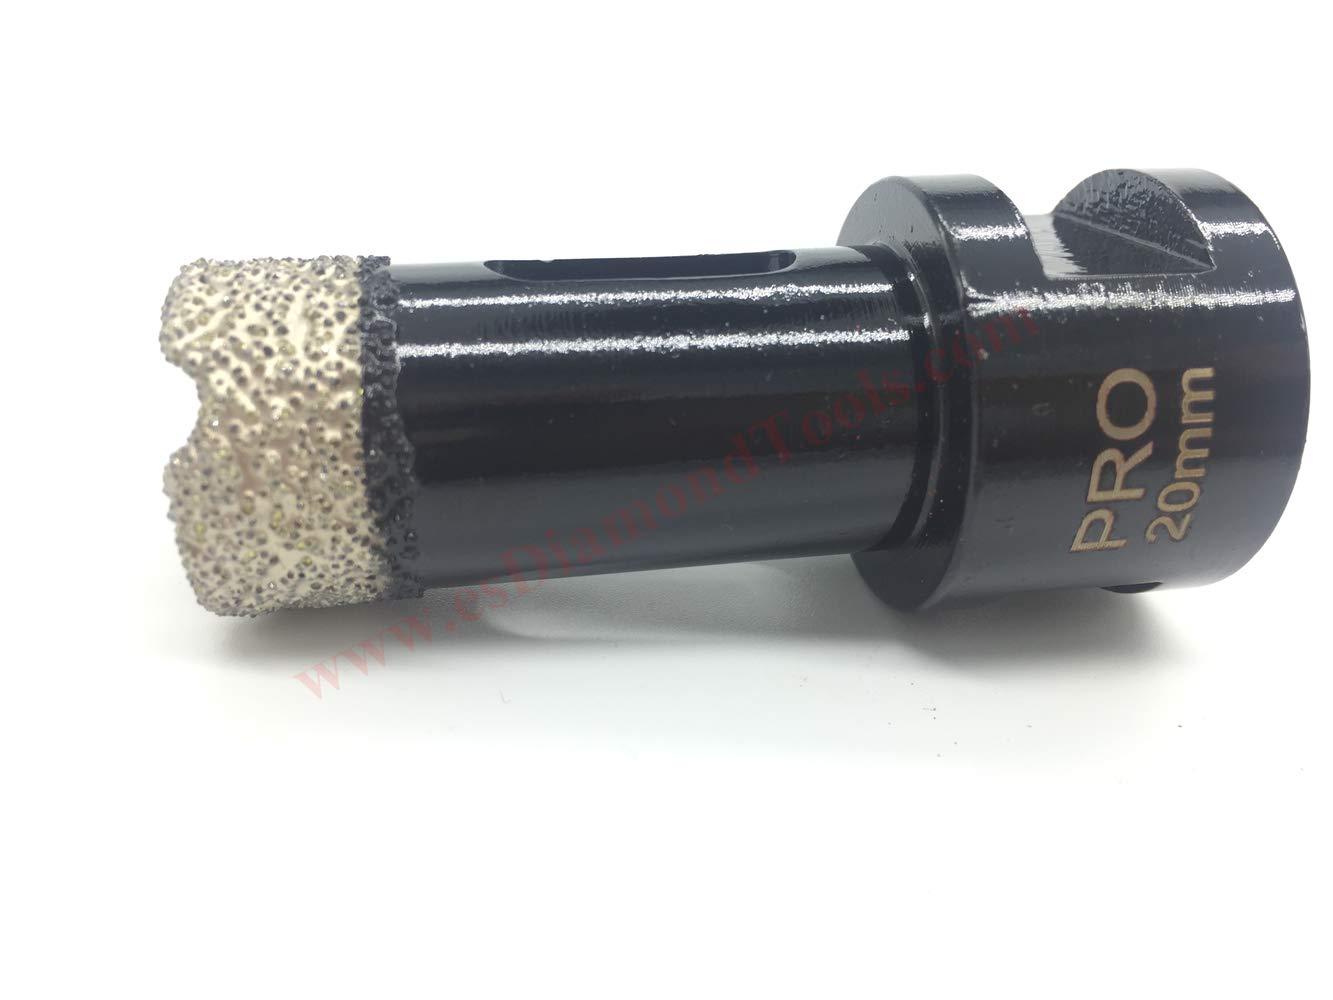 EASTAR-Trockenbohrkronen-fr-Winkelschleifer-Trockenbohren-in-Porzellan-Keramik-Fliesen-Granit-Marmor-kein-Wasser-ntig-Fr-Winkelschleifer-M14